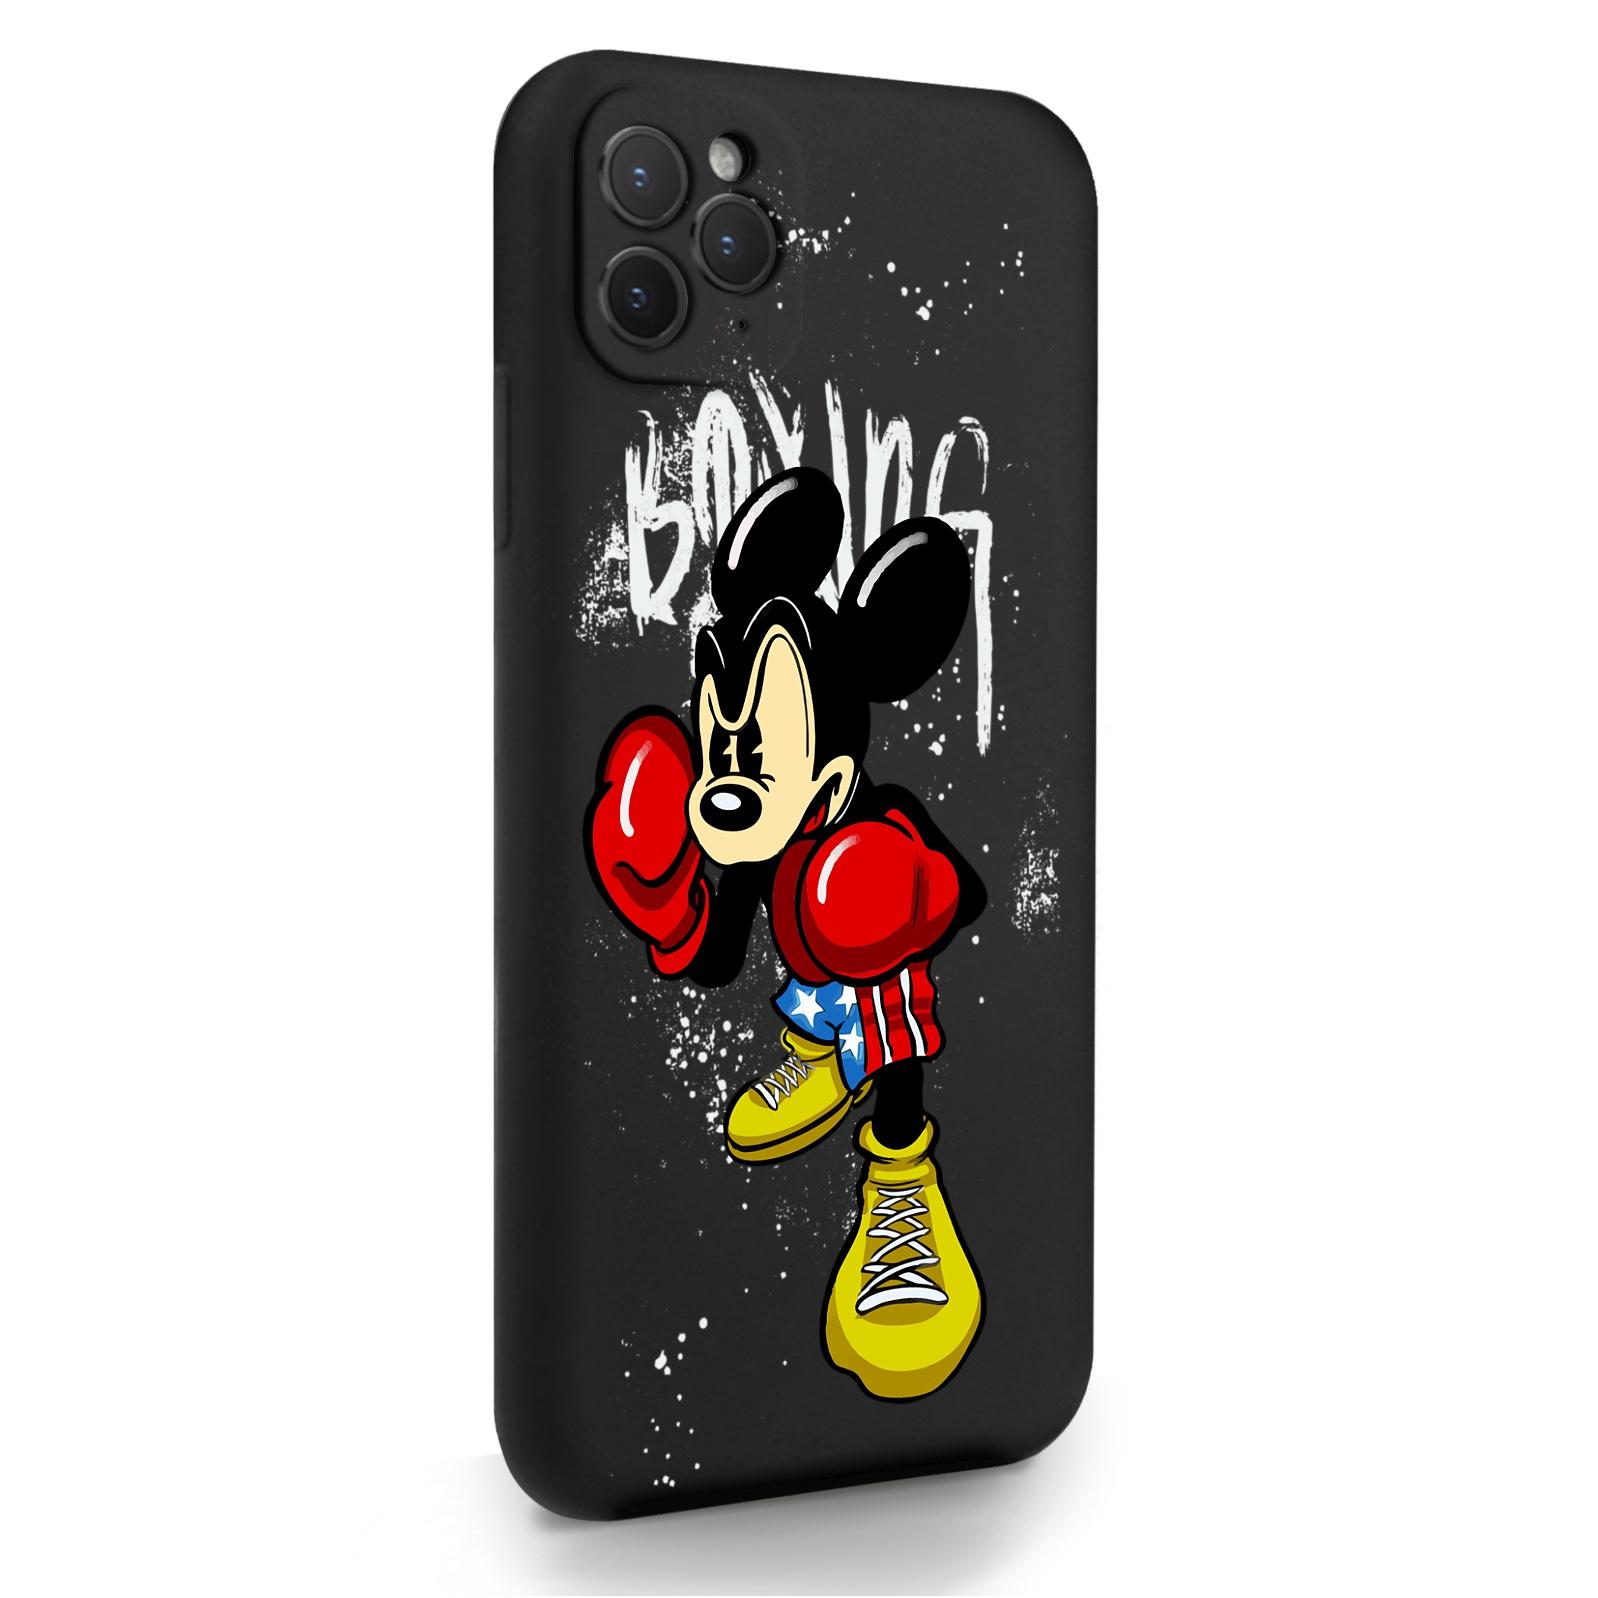 Черный силиконовый чехол для iPhone 11 Pro Max Мышонок Боксер для Айфон 11 Про Макс